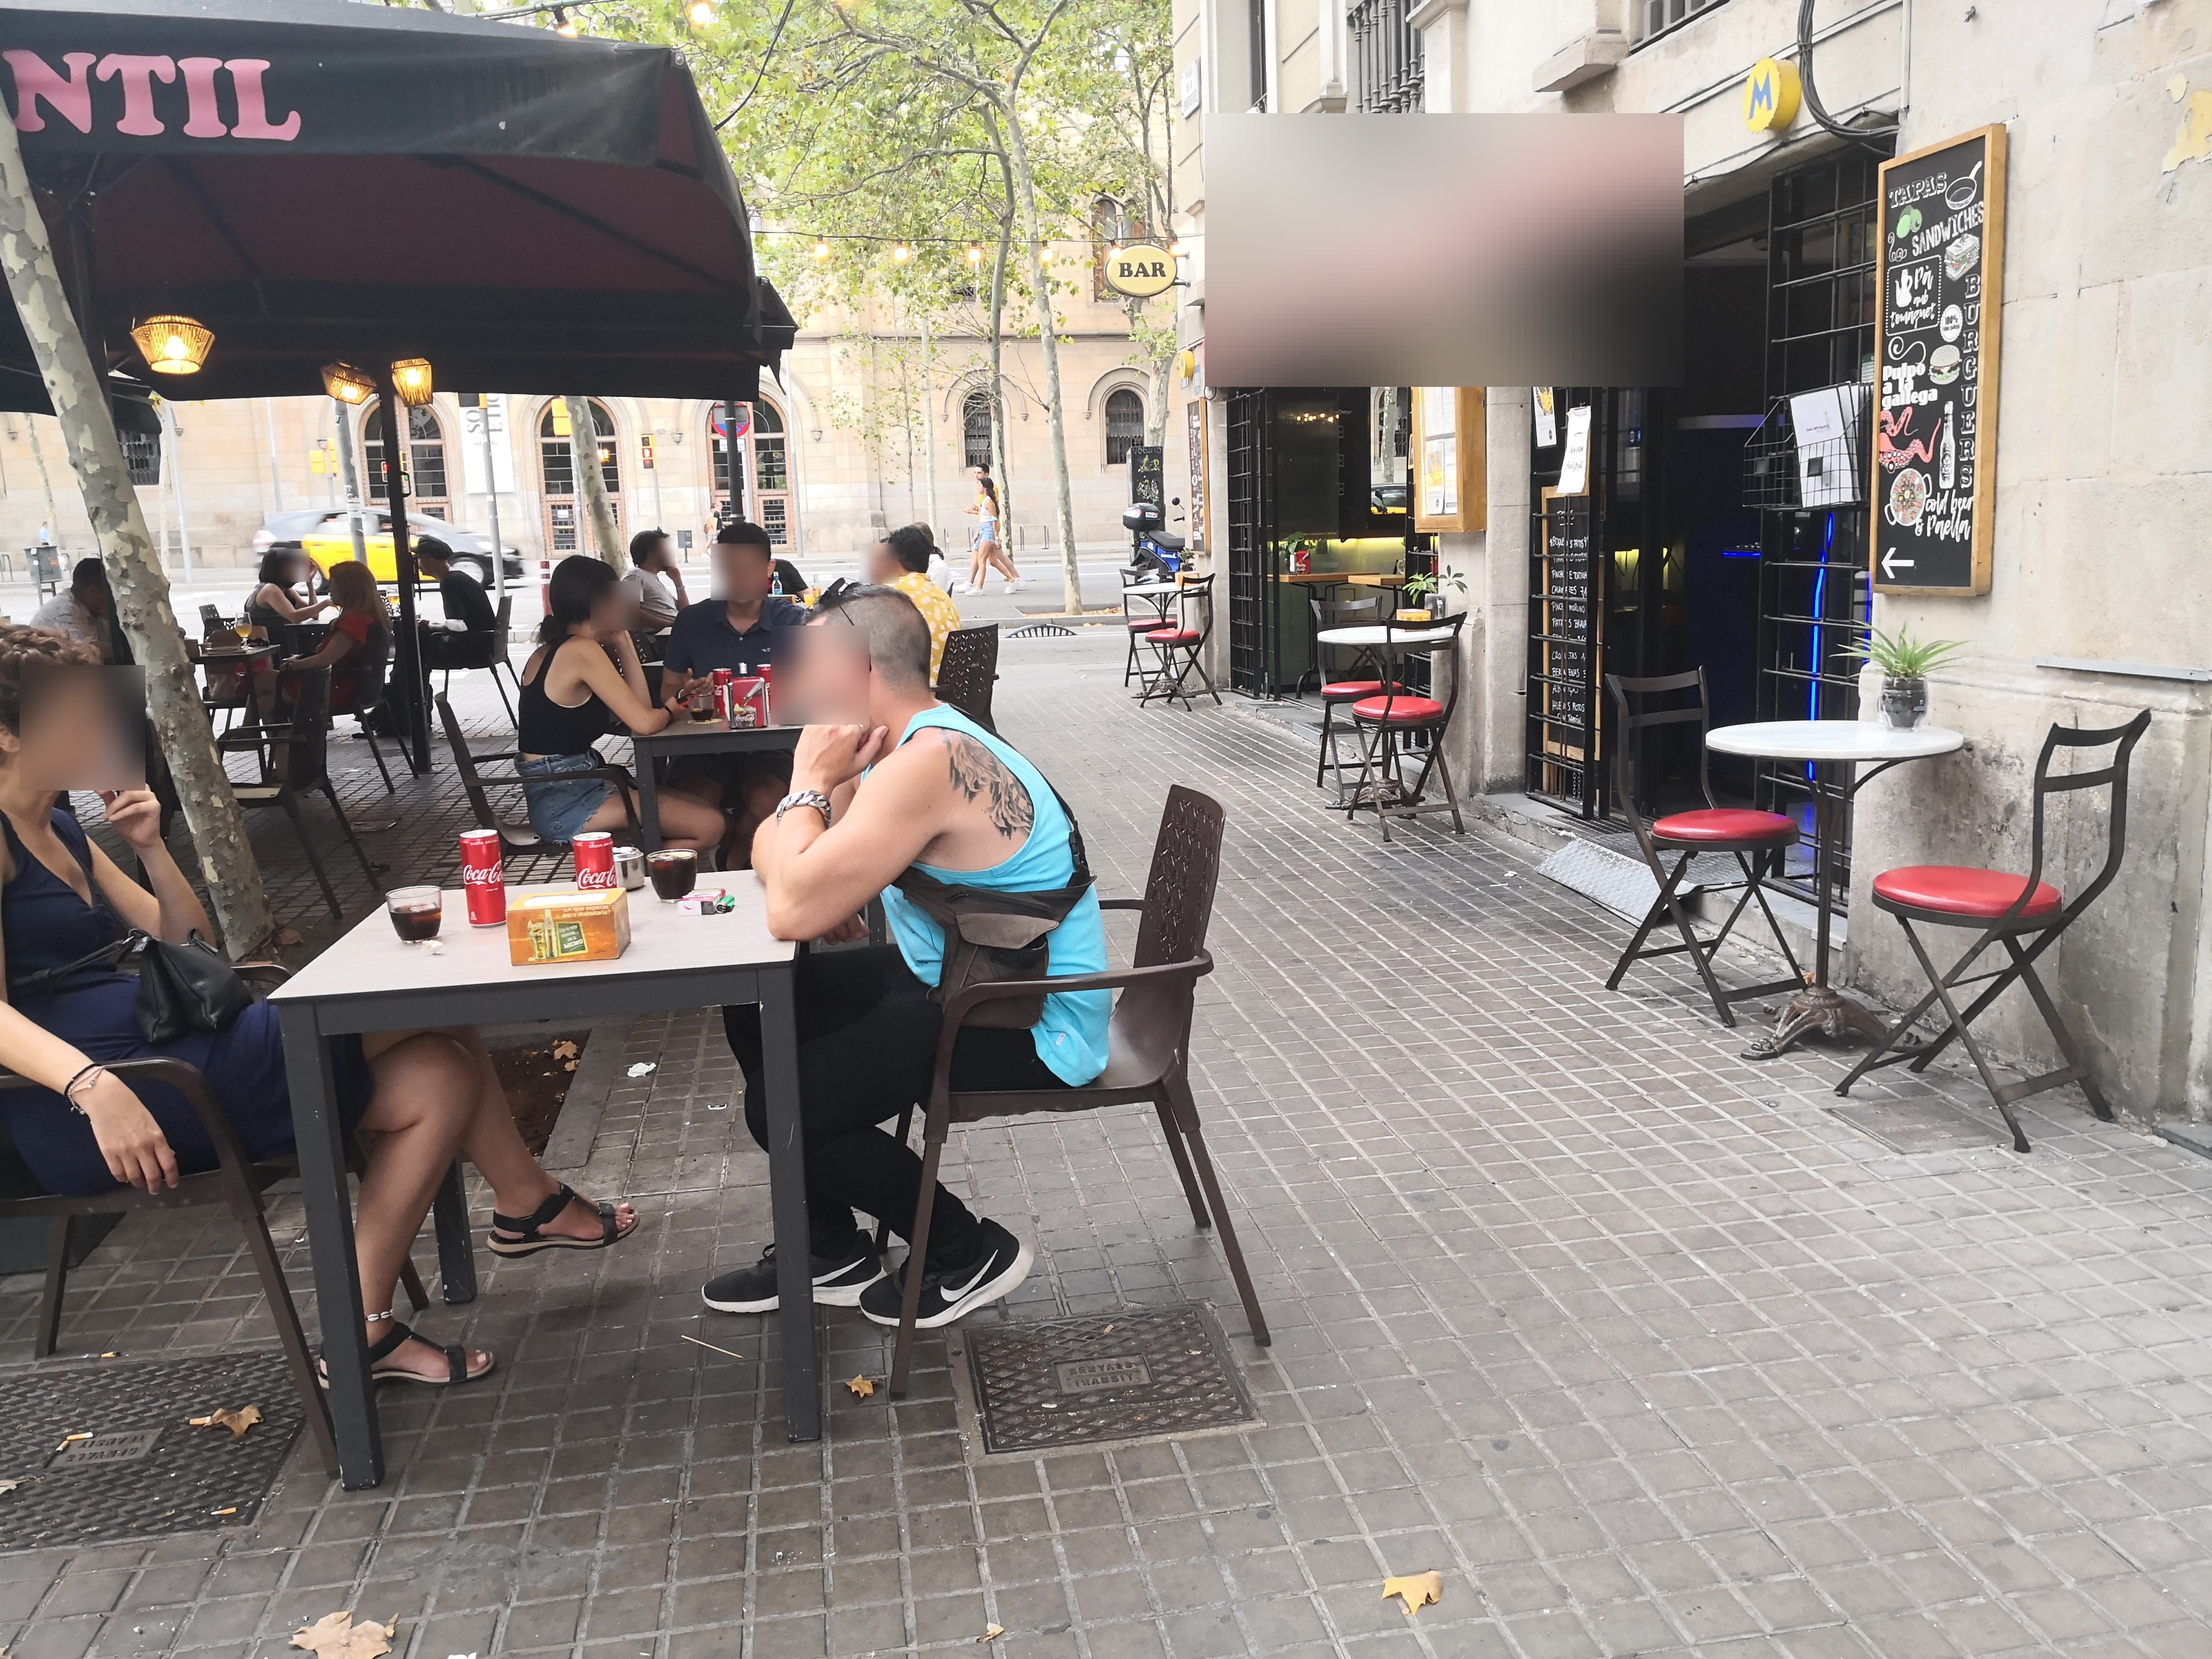 Gran Via de les Corts Catalanes, 592 - taules il·legals en façana, volem estar a l'últim crit!!!!